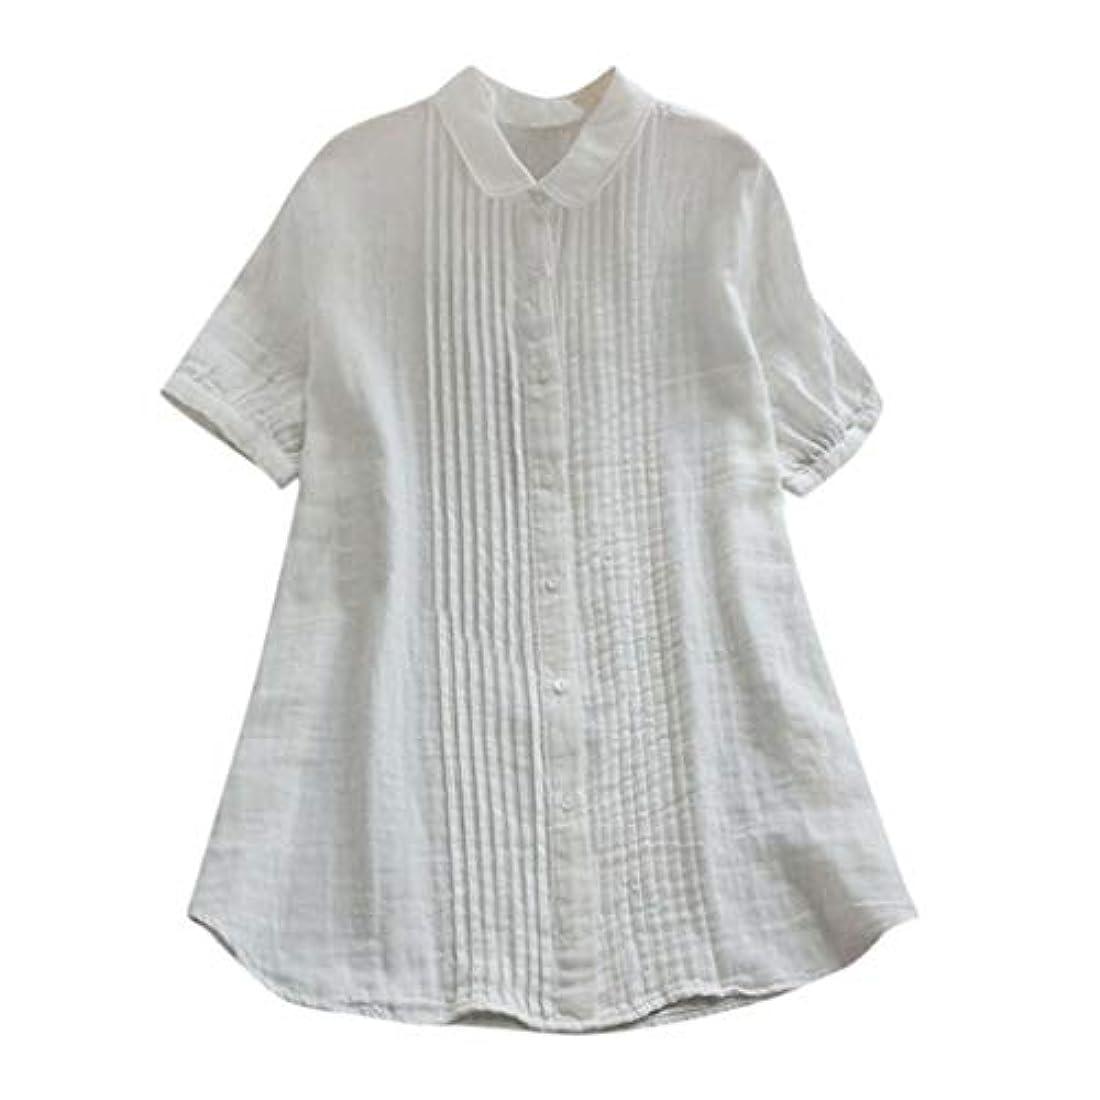 に渡って華氏カーペット女性の半袖Tシャツ - ピーターパンカラー夏緩い無地カジュアルダウントップスブラウス (白, L)